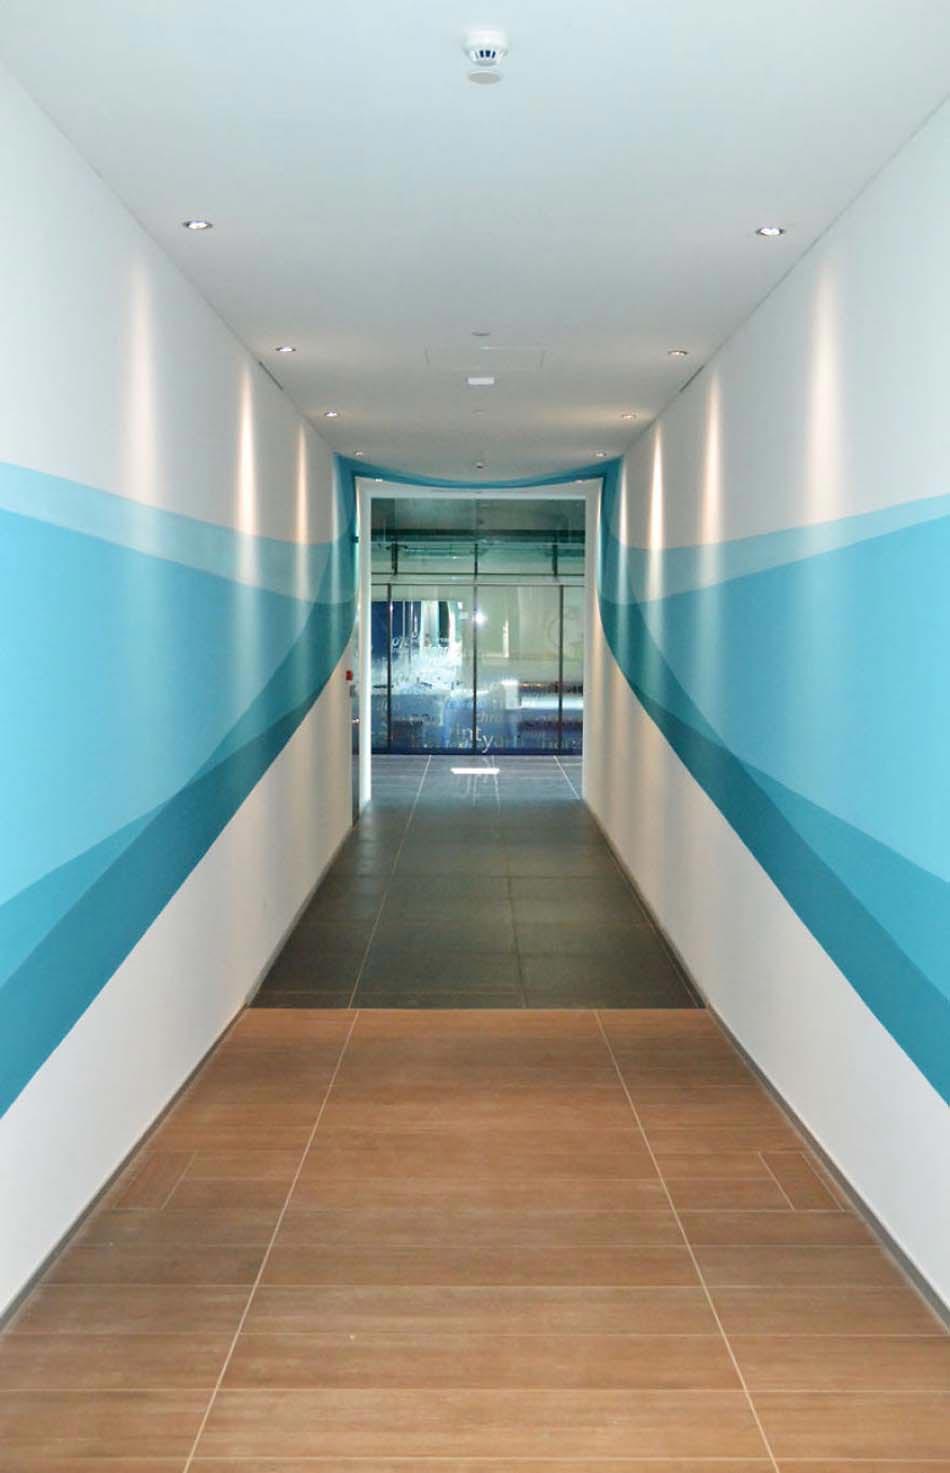 Classroom Wall Decoration Pics ~ Décoration créative pour des murs en constant mouvement